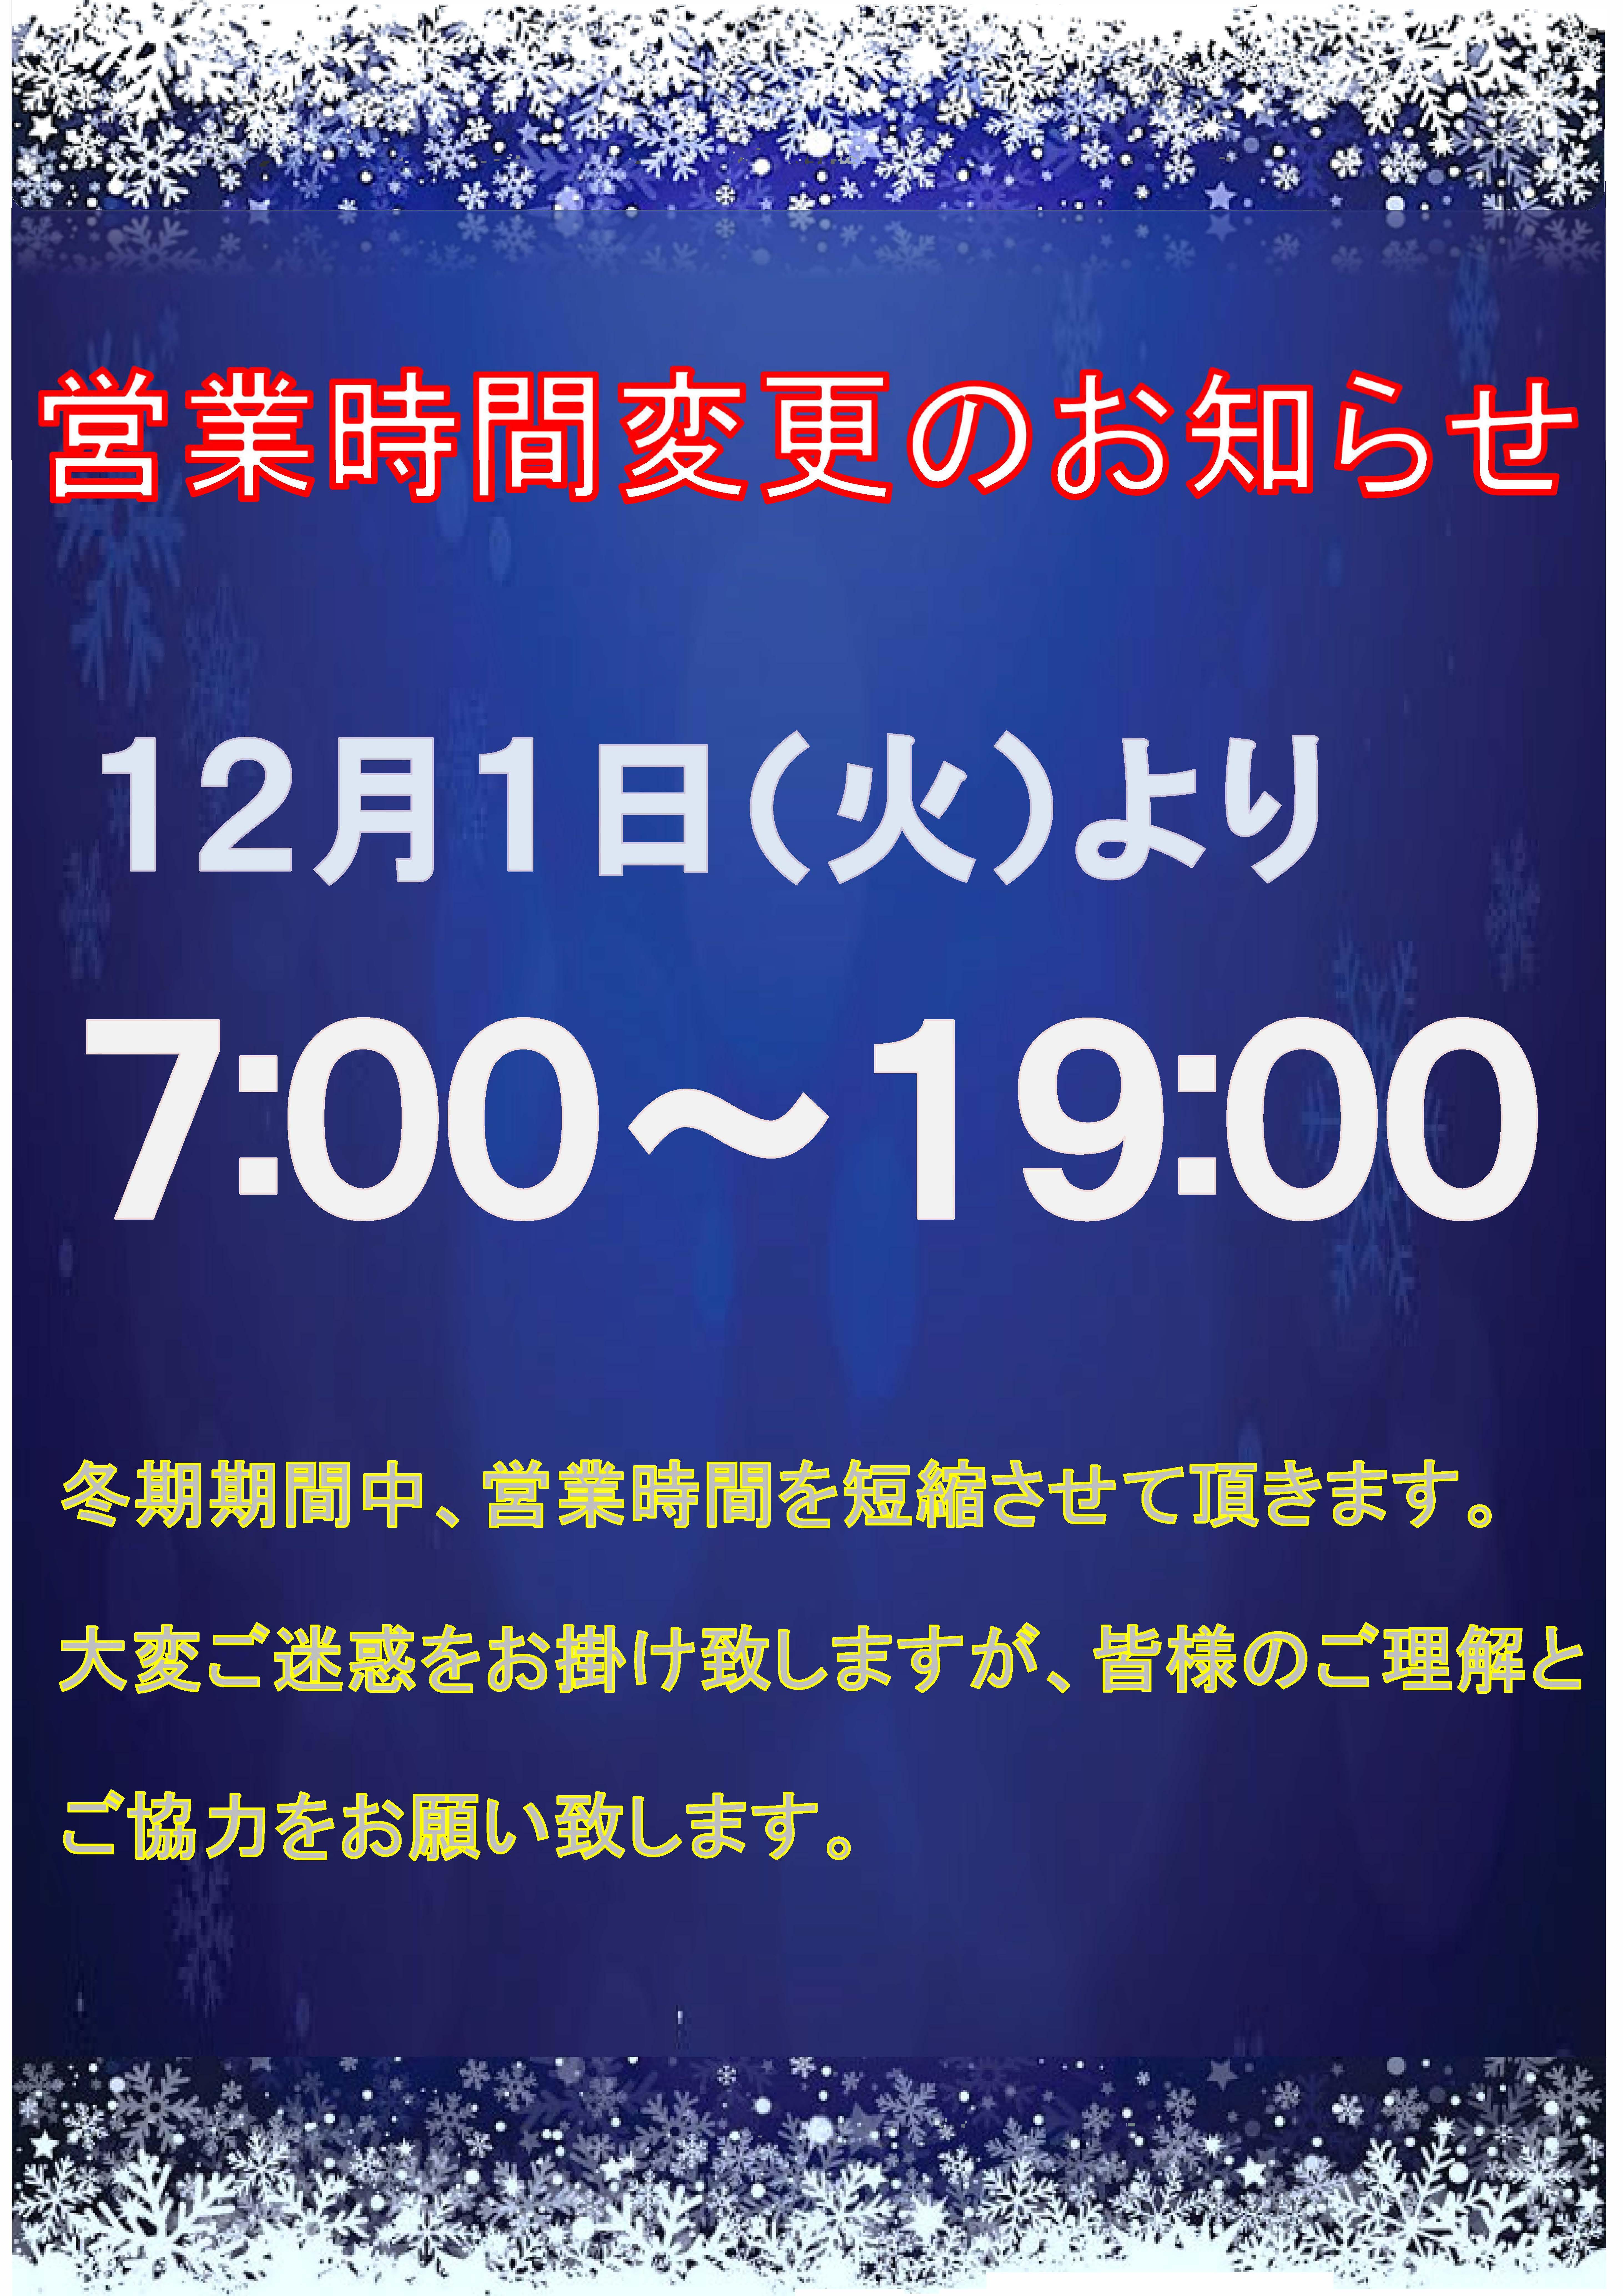 丁目 Club eight 宿郷 1